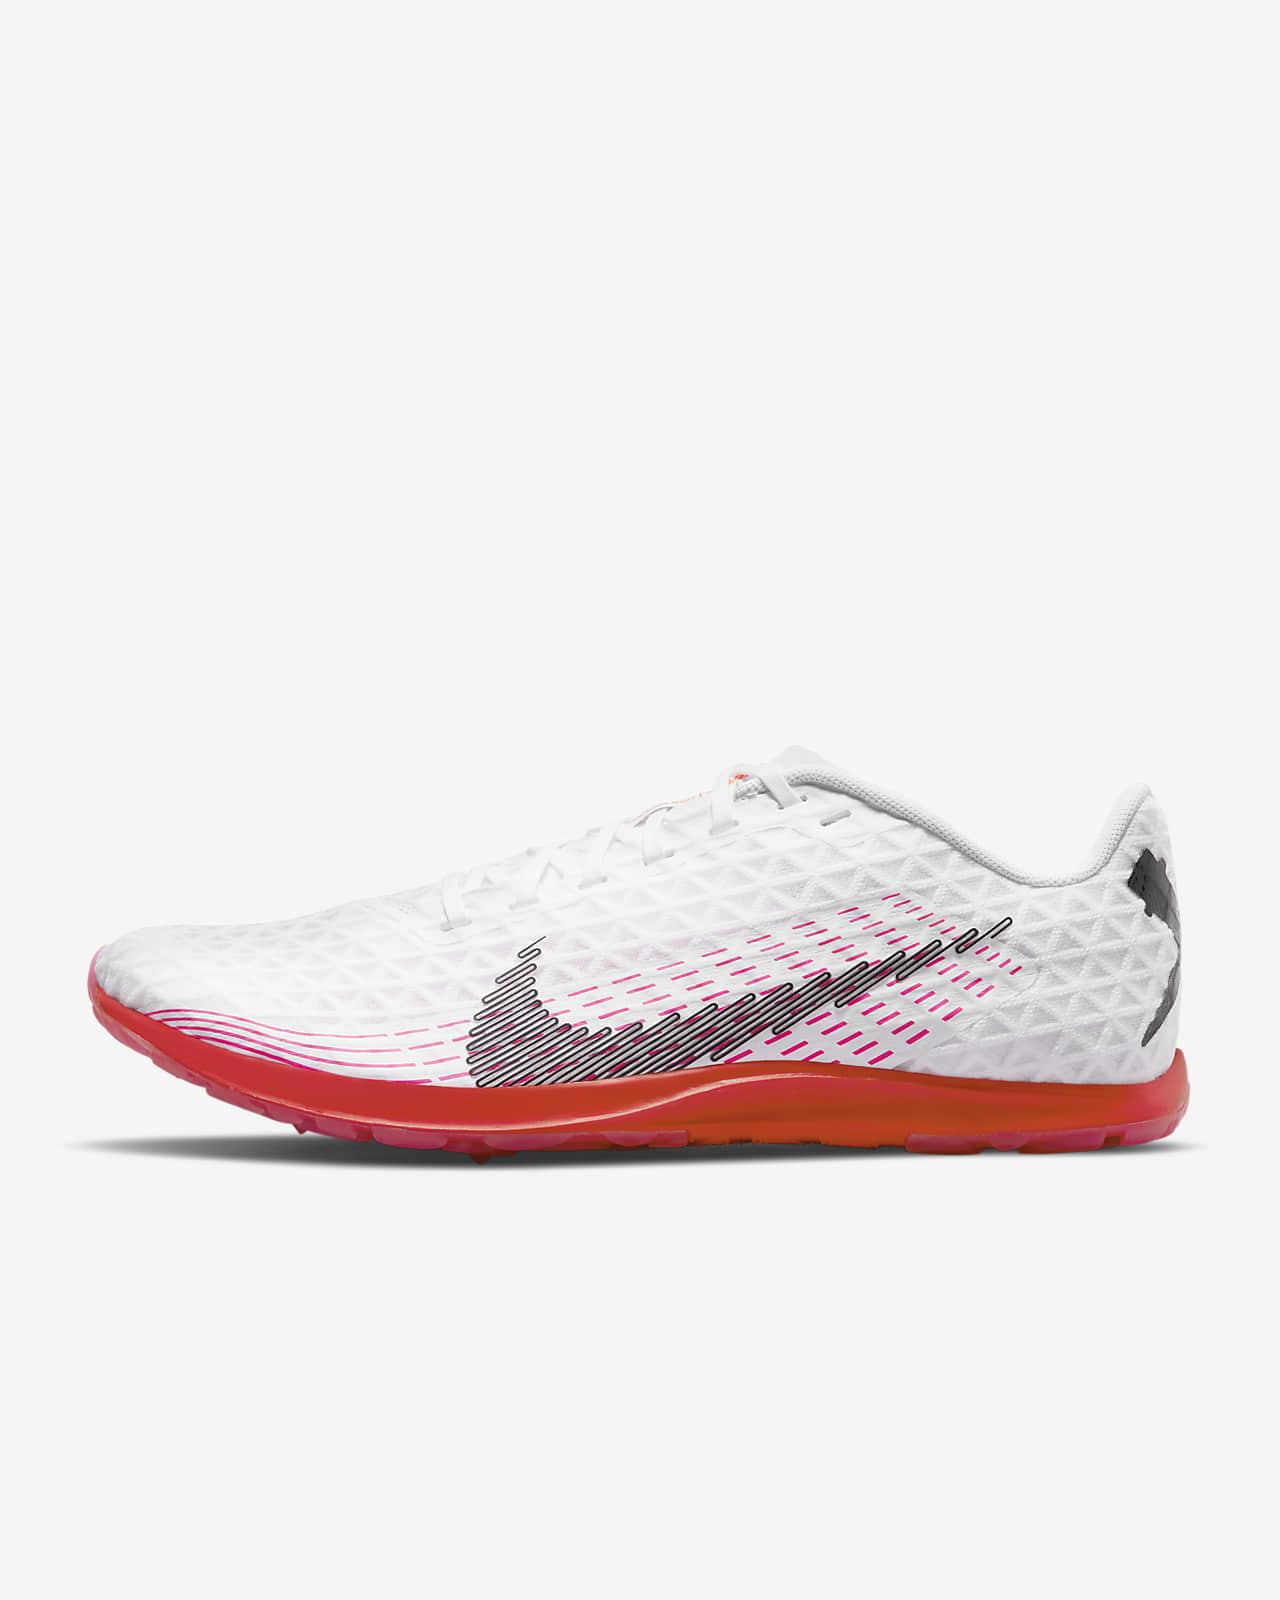 Sko för terränglöpning Nike Zoom Rival Waffle 5